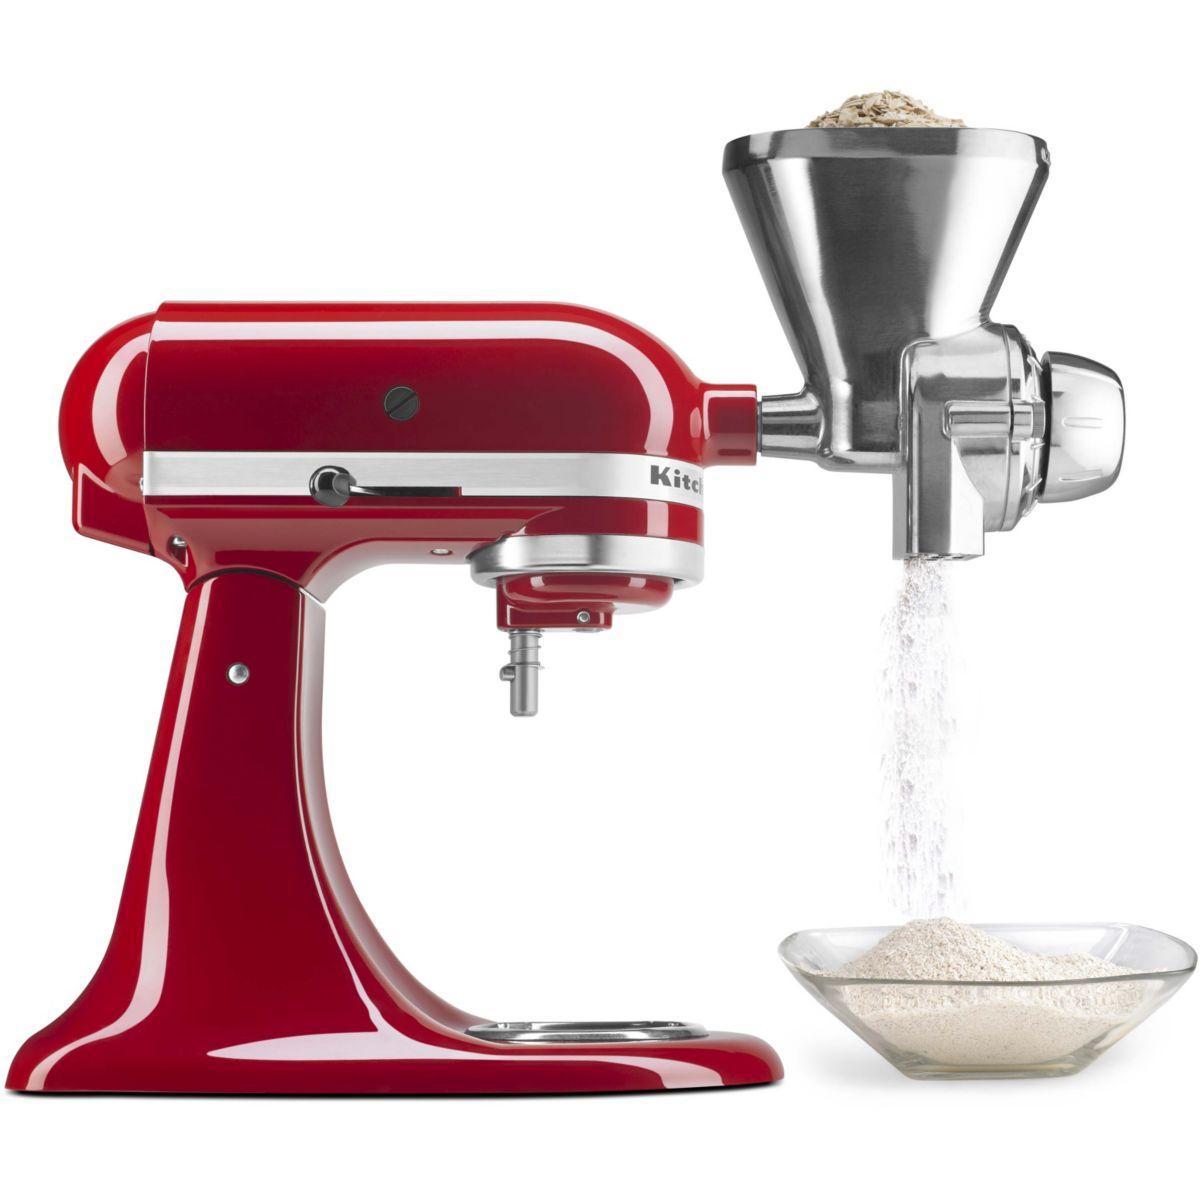 Moulin kitchenaid 5kgm moulin a cereales - livraison offerte :...